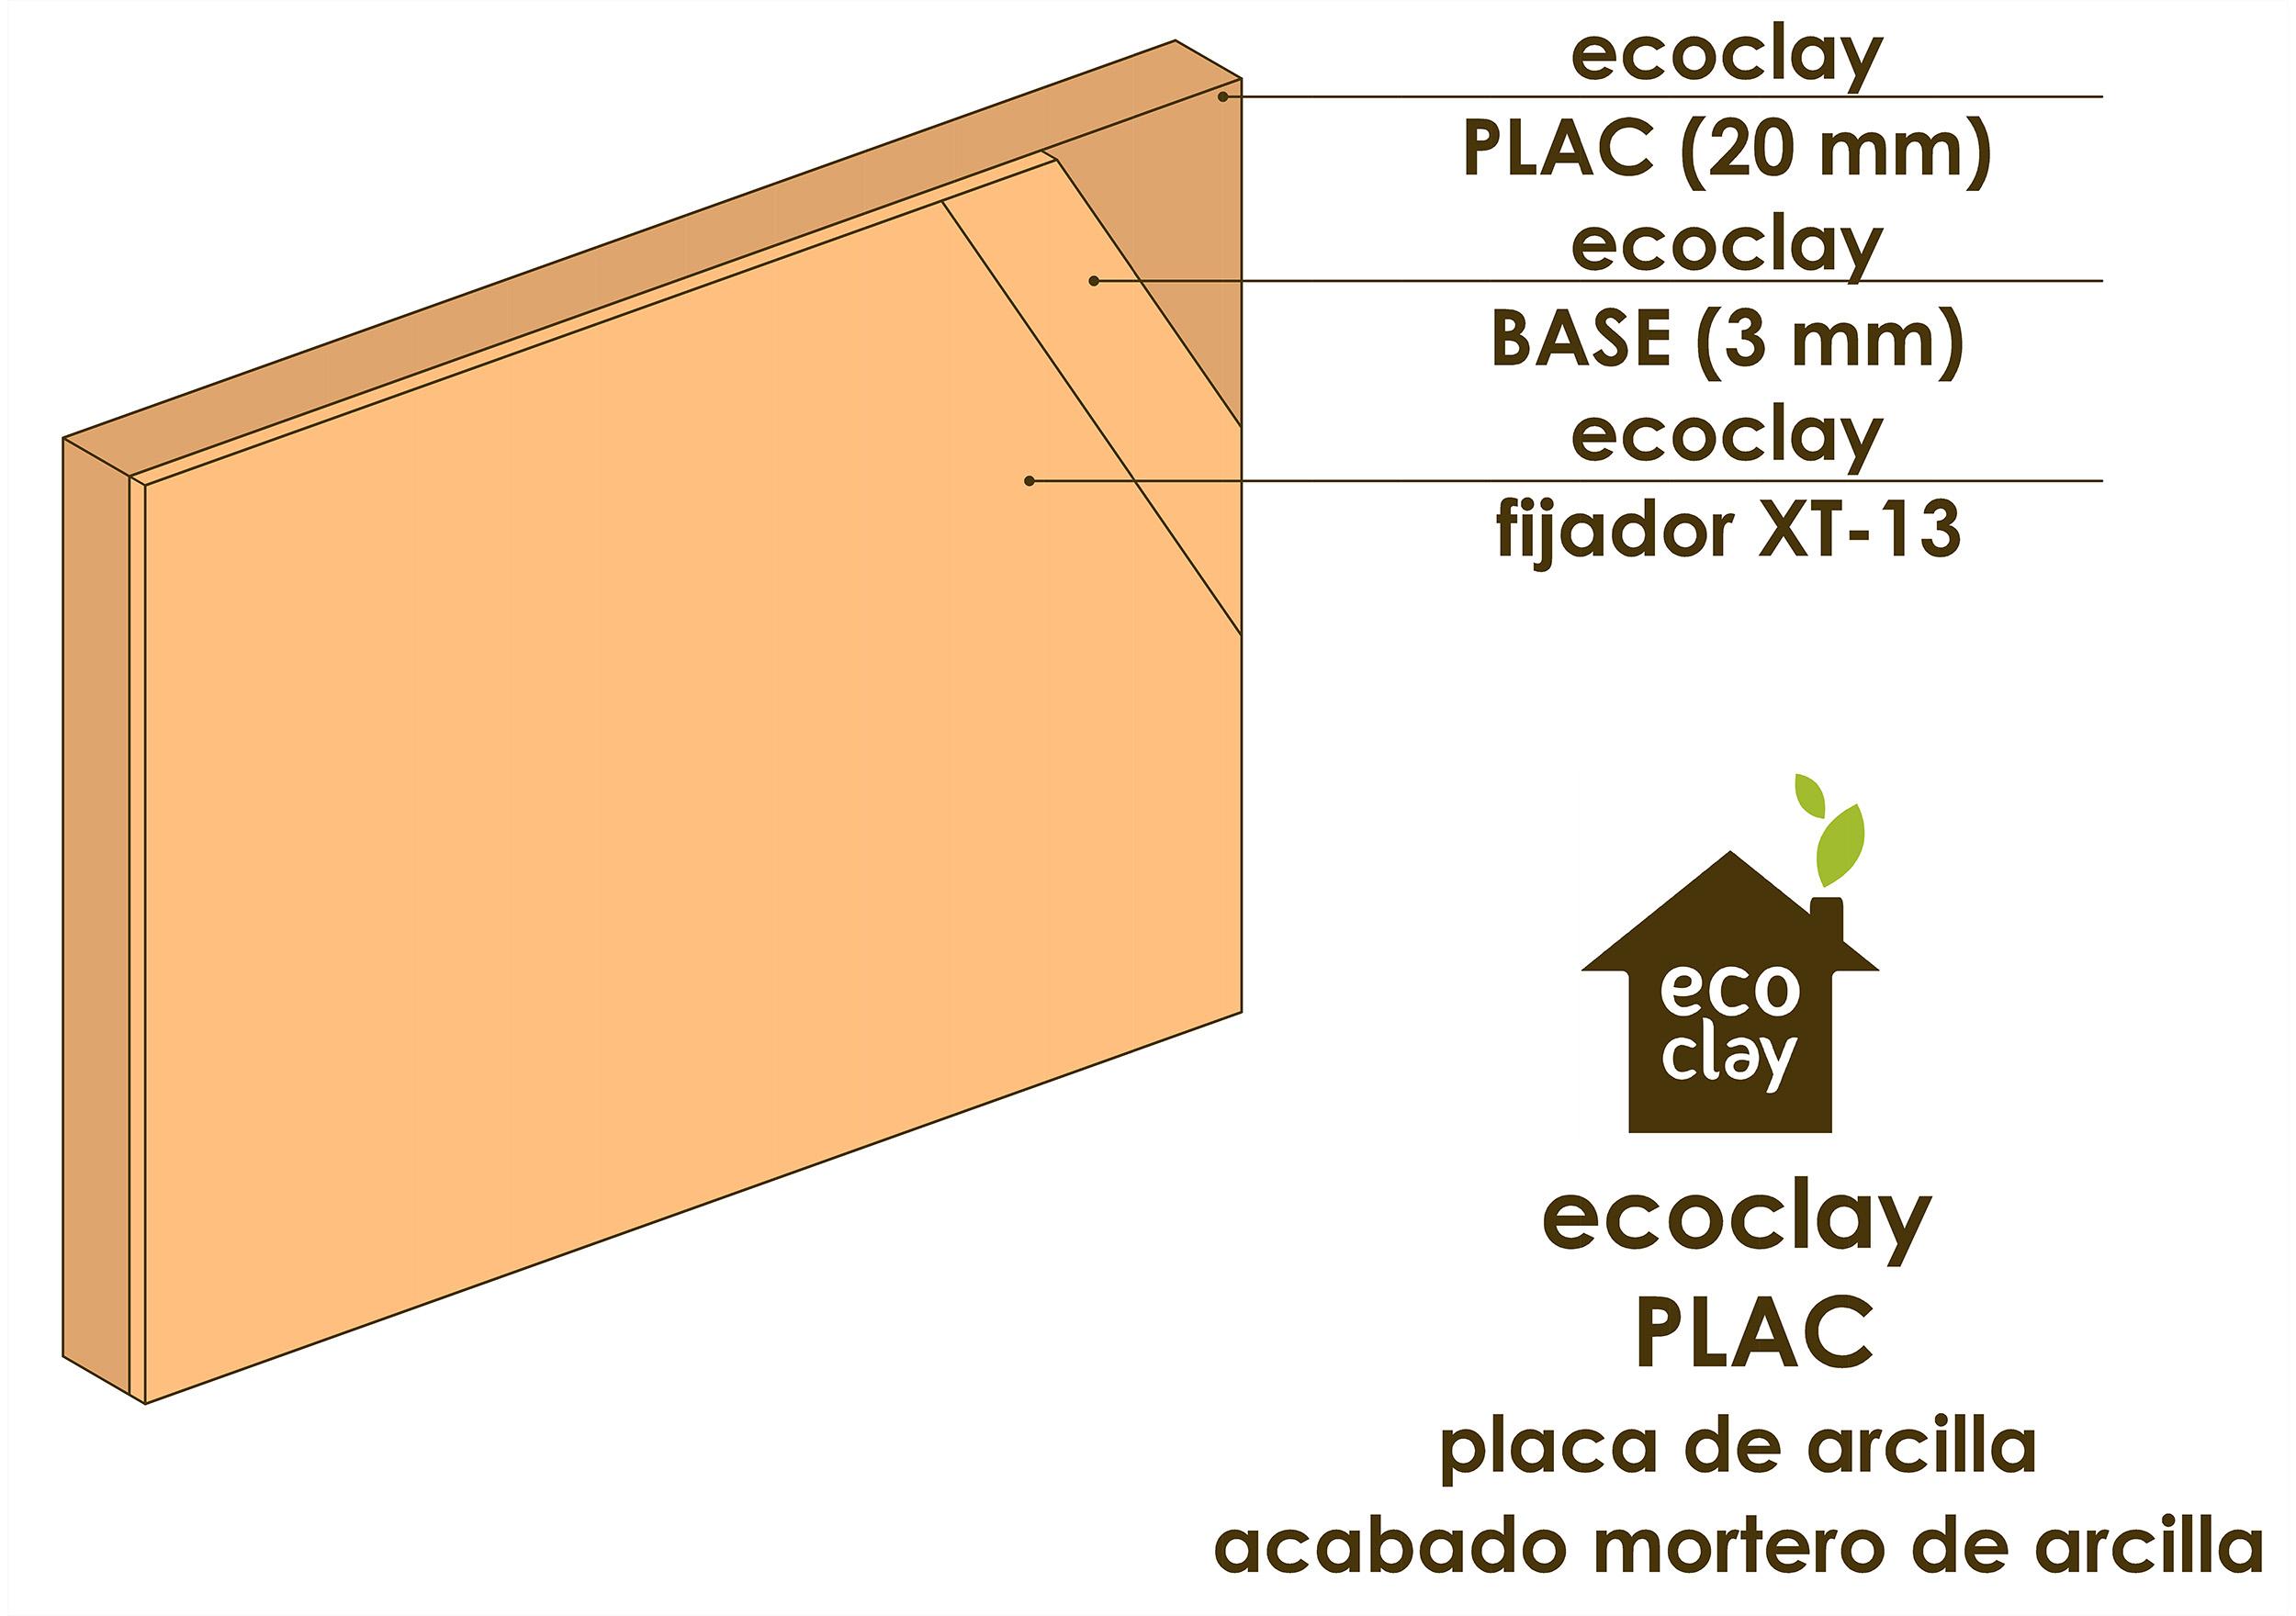 ecoclayPLAC, acabado mortero de arcilla, ecoclay BASE